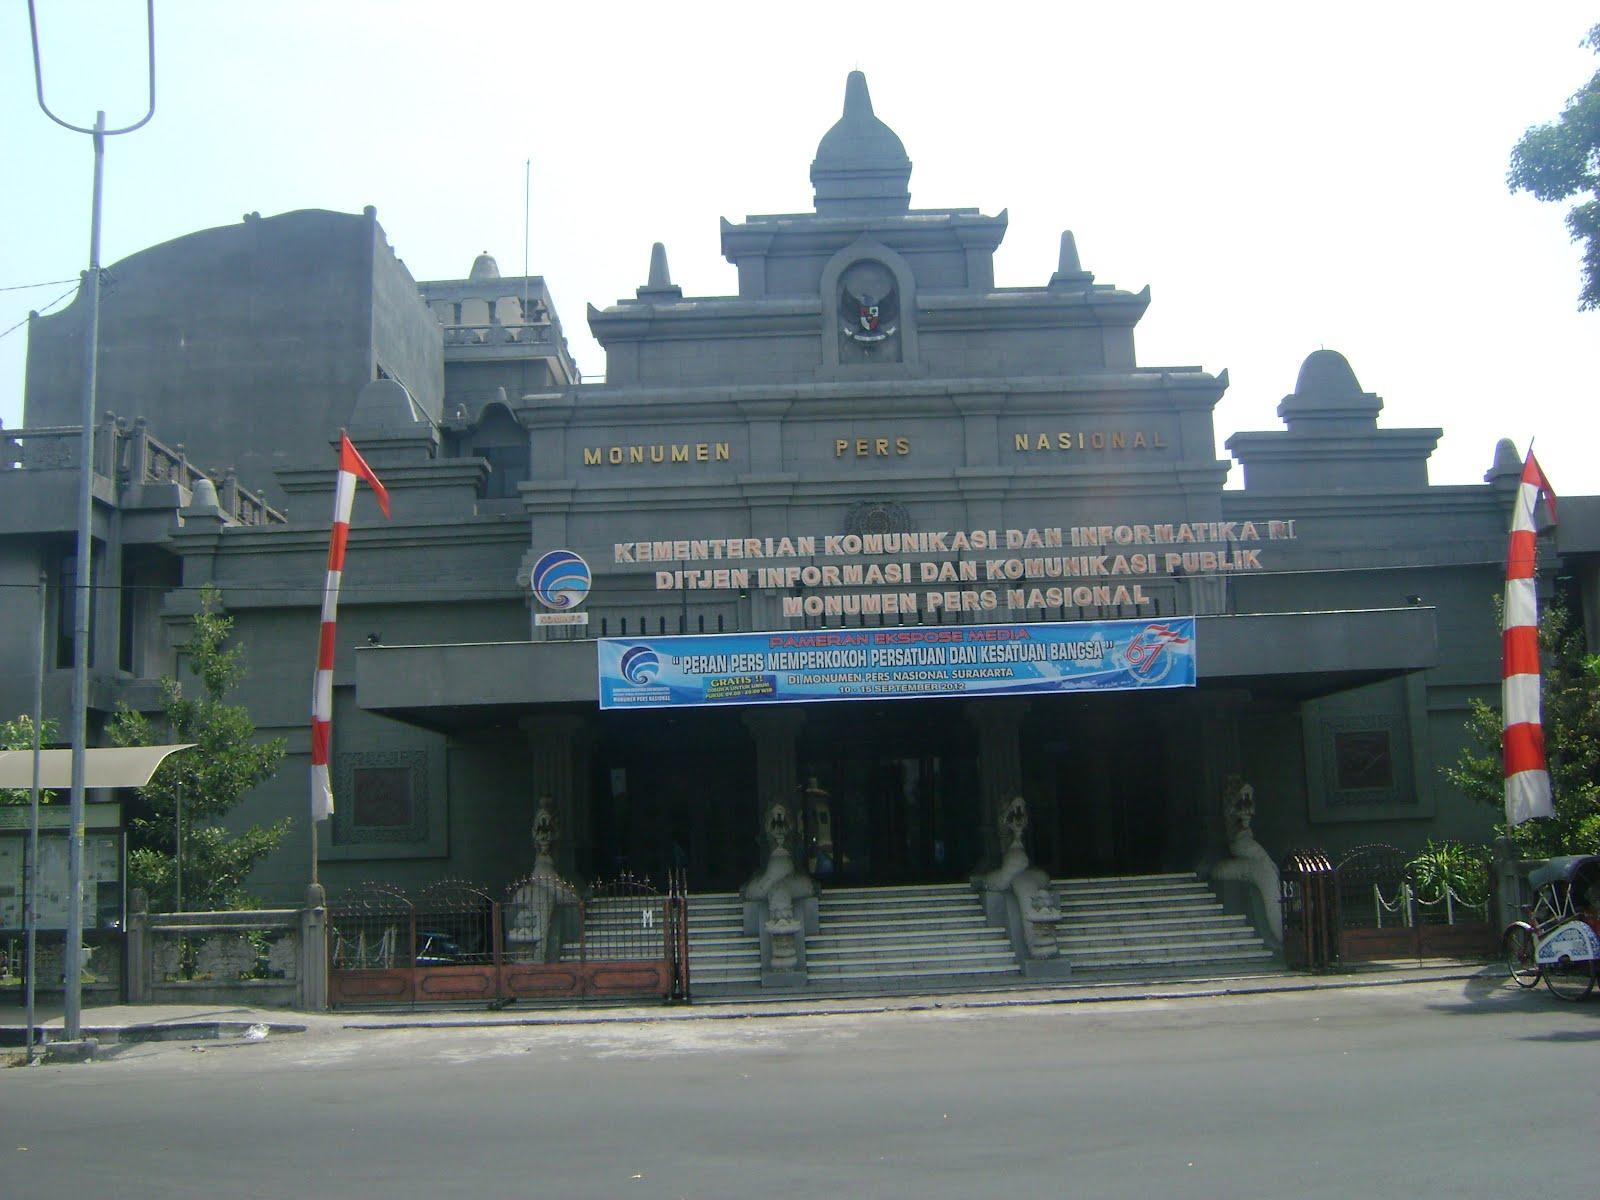 monumen pers nasional